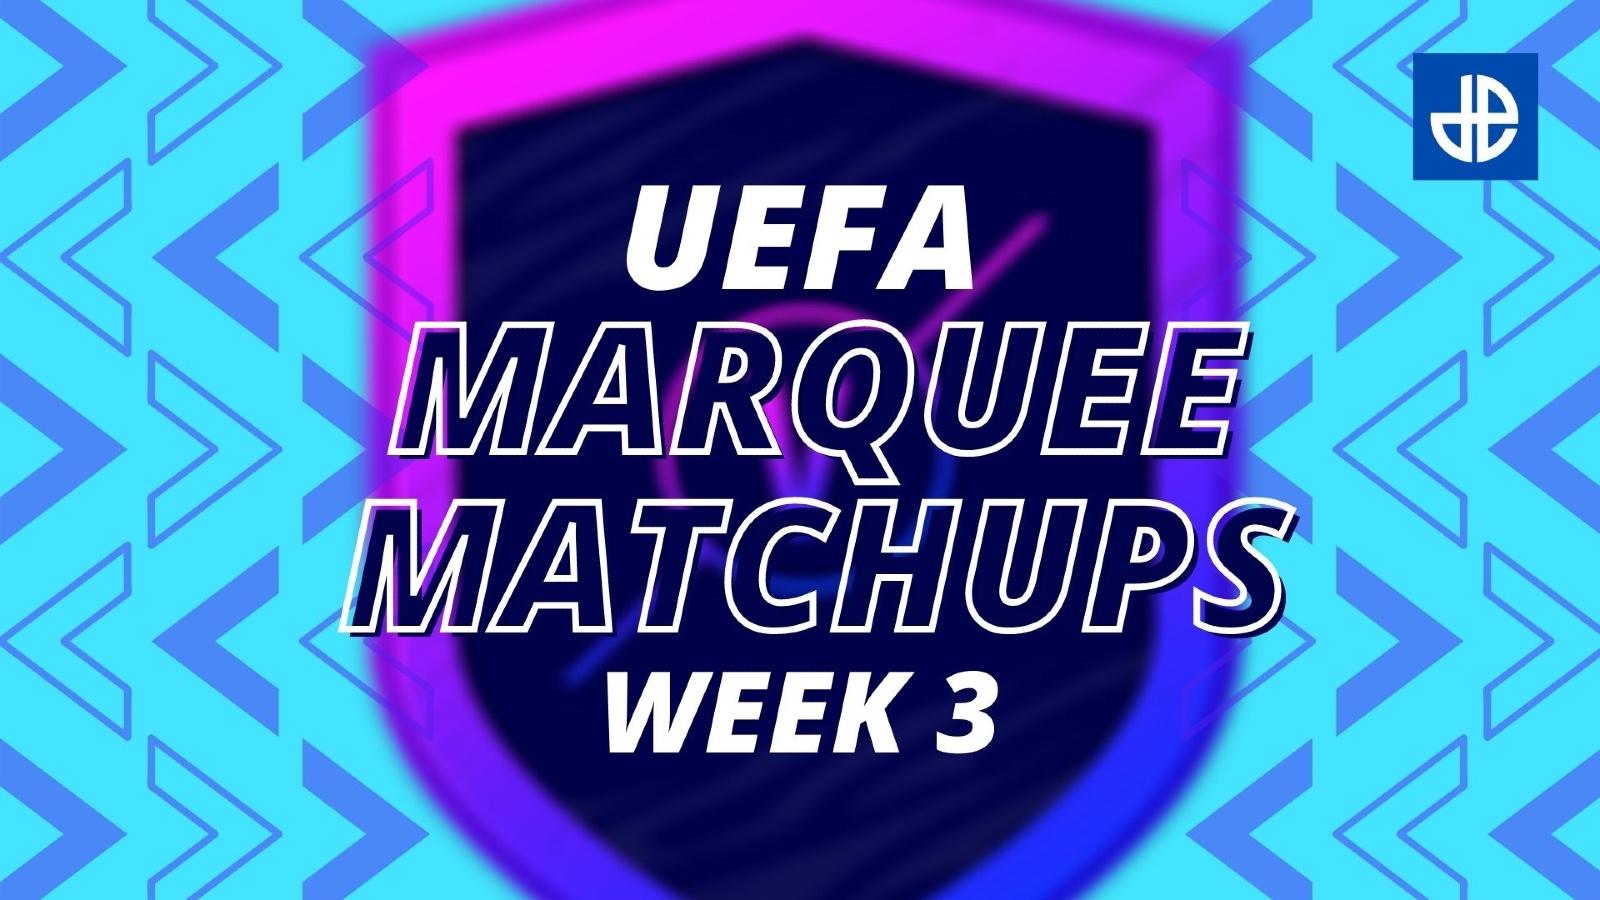 FIFA 21 UEFA Marquee Matchups SBC Week 3